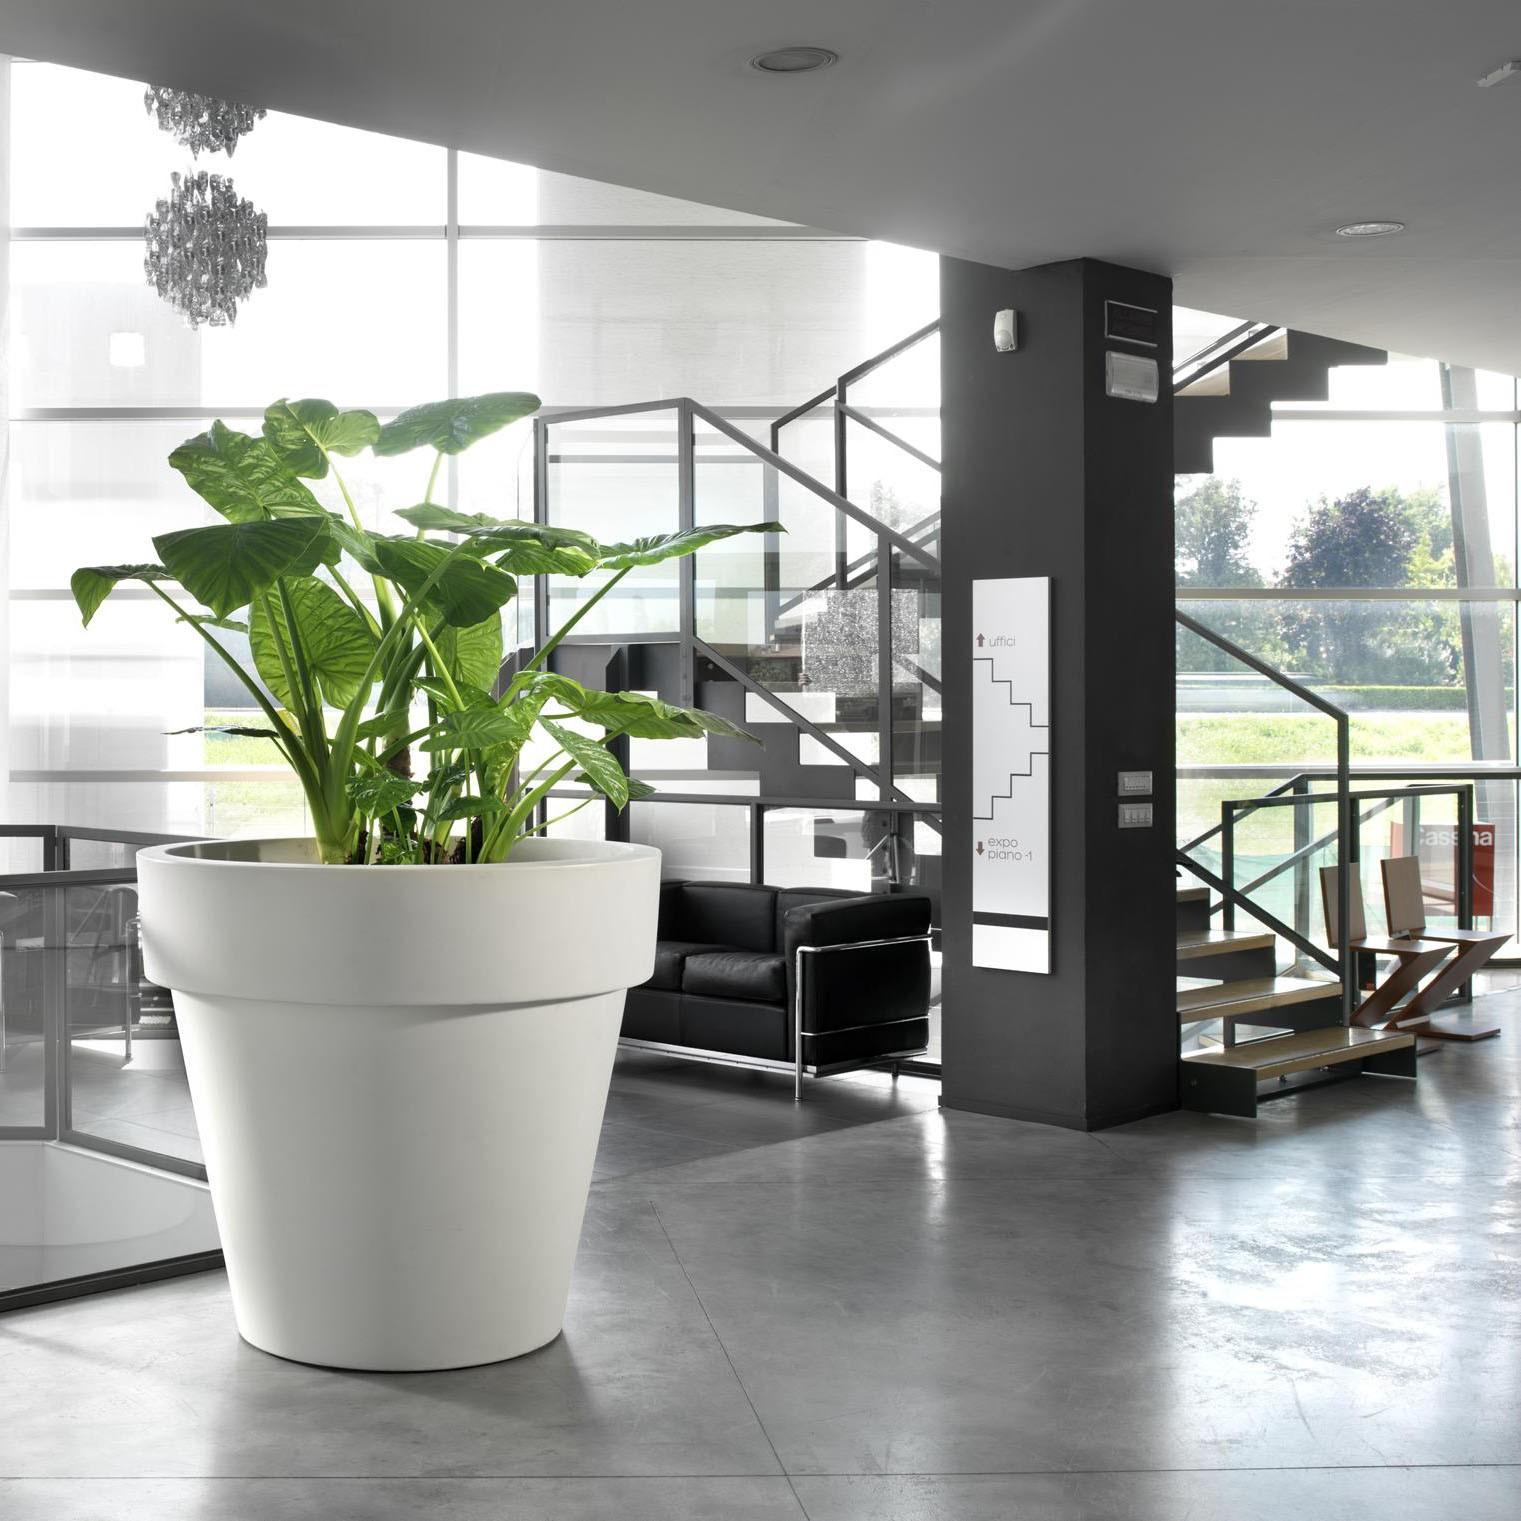 Vaso esterno grandi dimensioni standard one vendita online - Vasi per esterno ikea ...